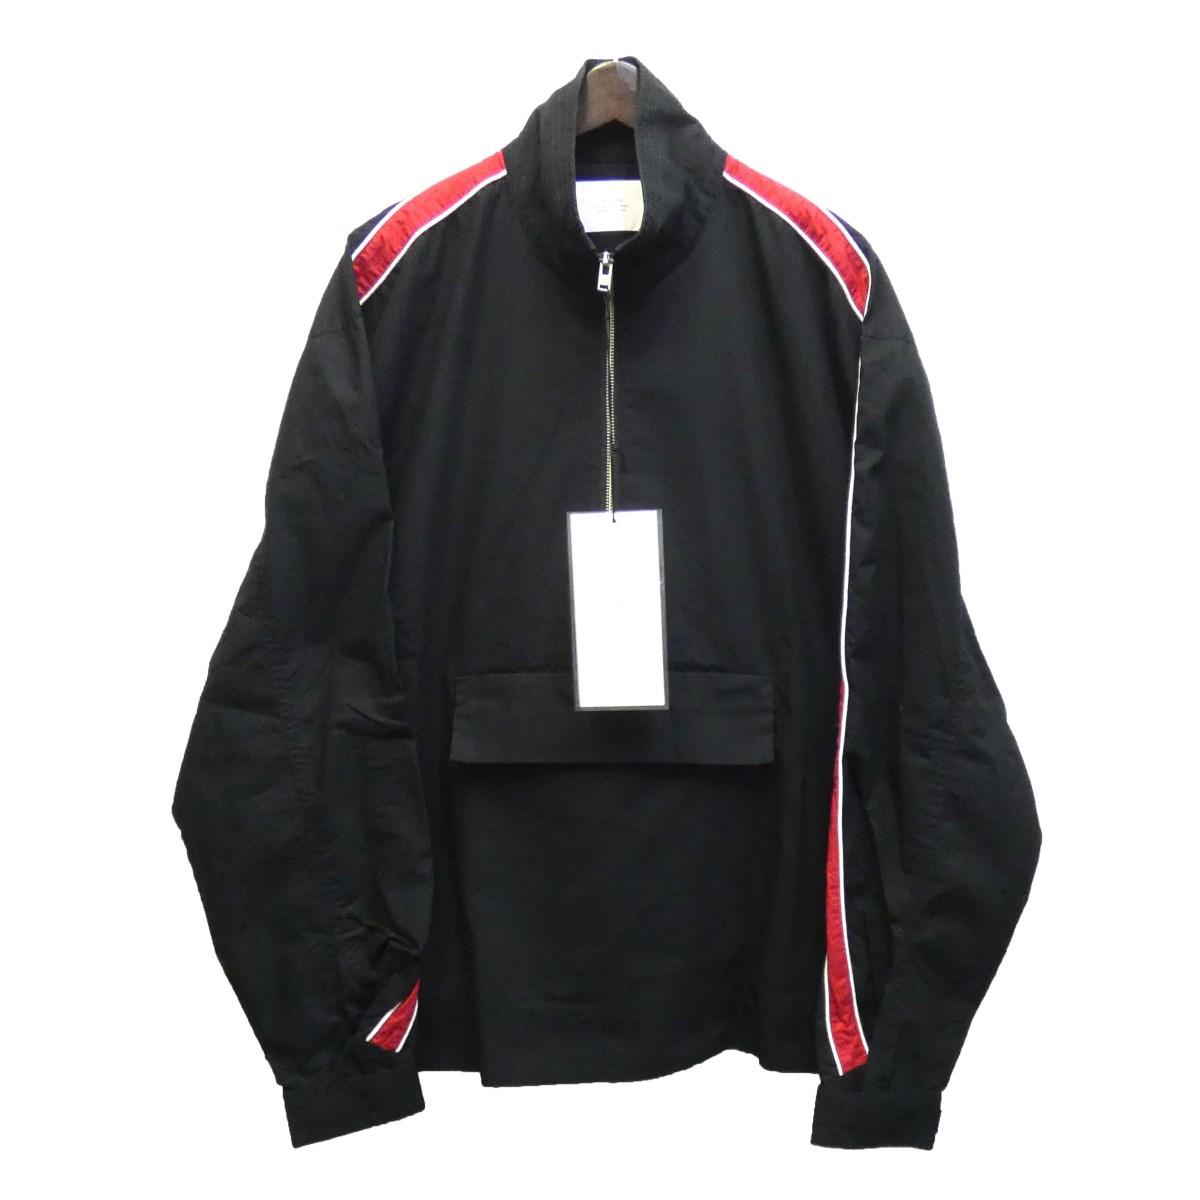 【中古】STAMPD 18AW 「RACING ANORAK」 アノラックジャケット ブラック×レッド サイズ:L 【010420】(スタンプド)